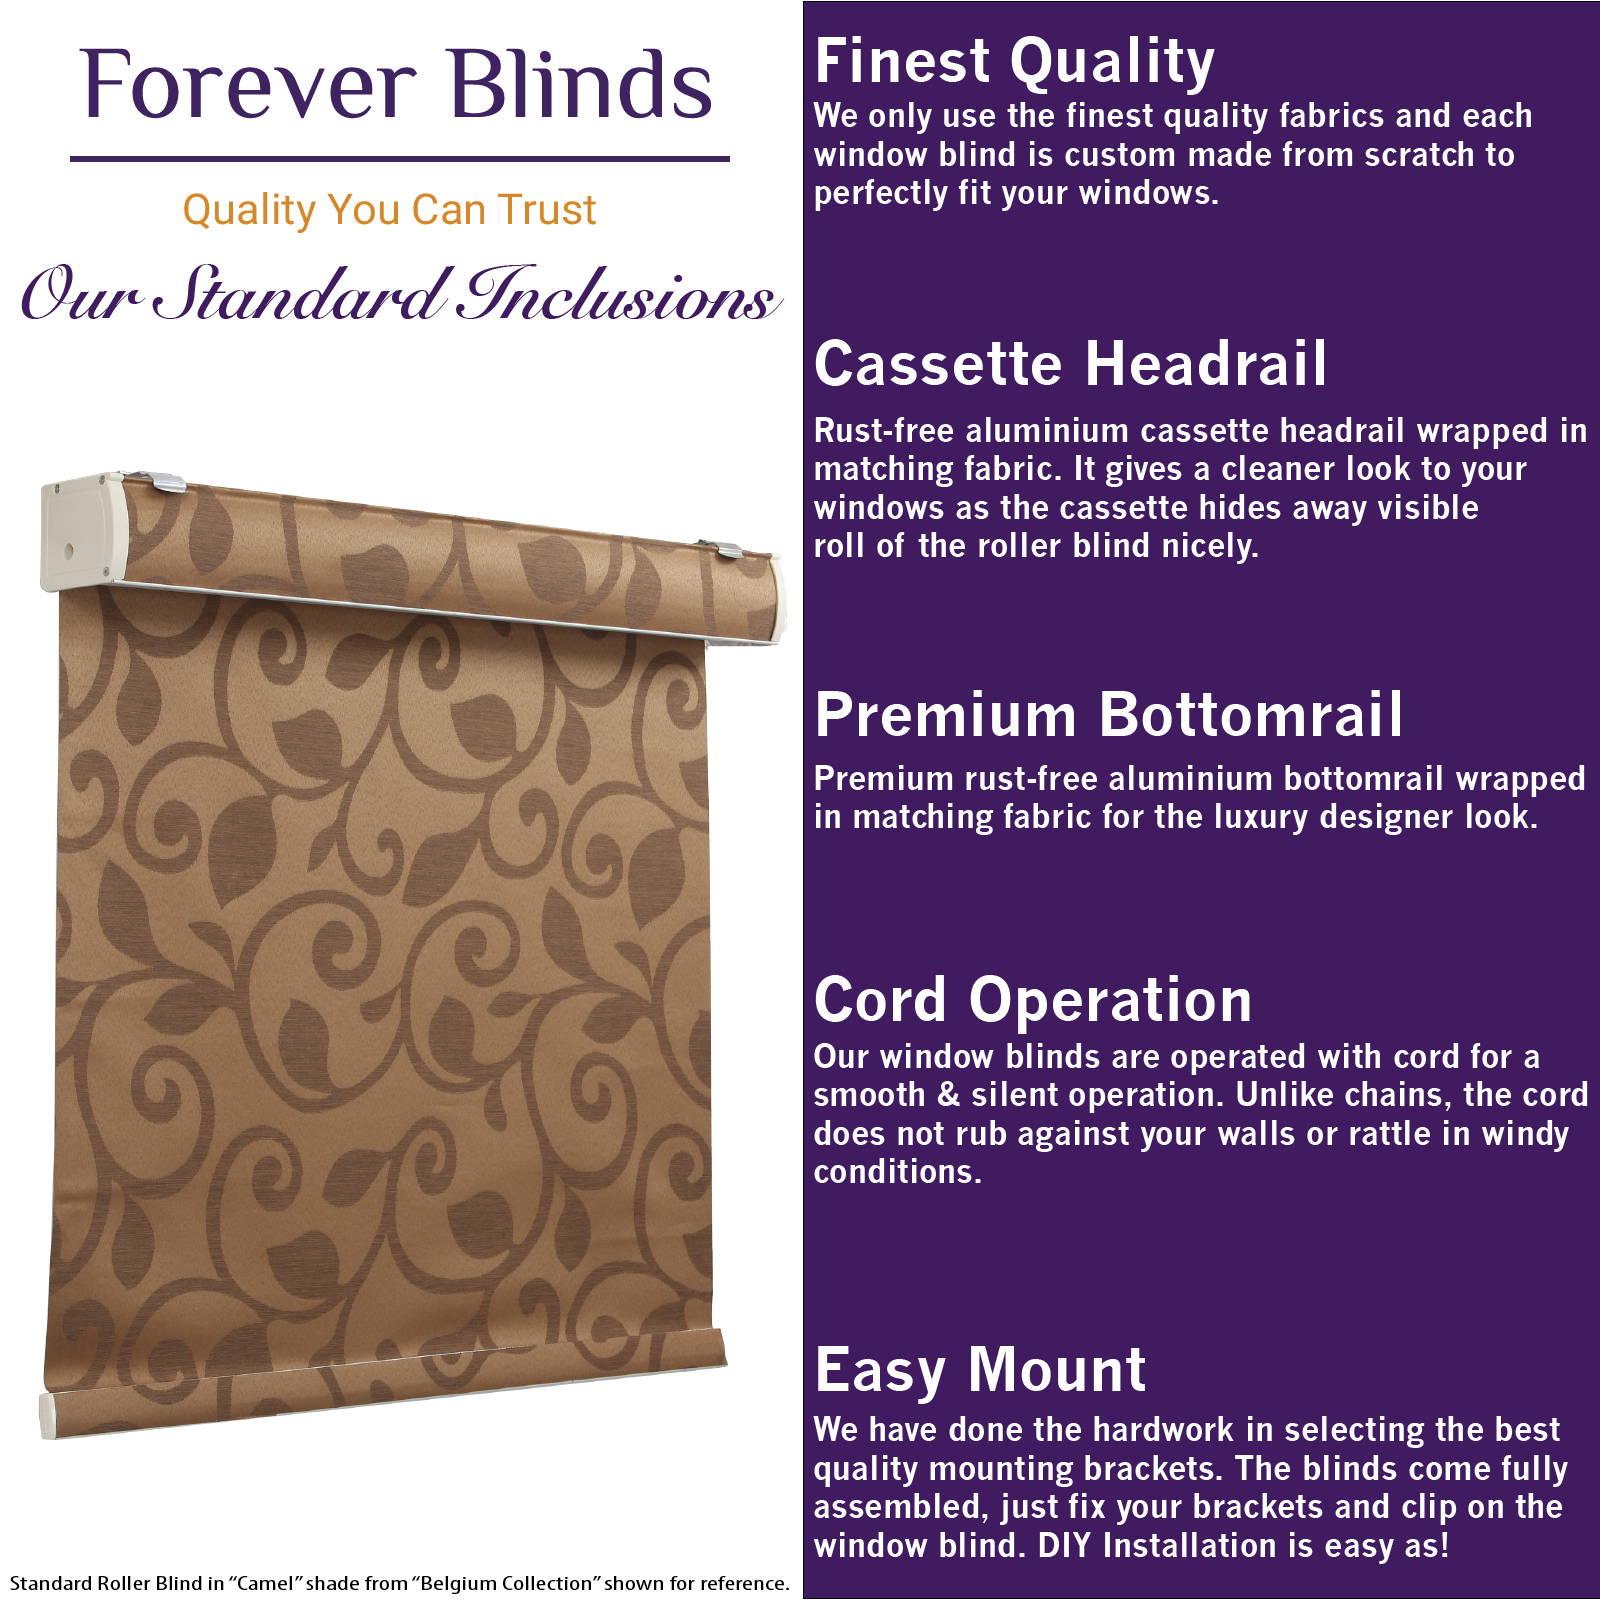 Roller Blinds - Forever Blinds